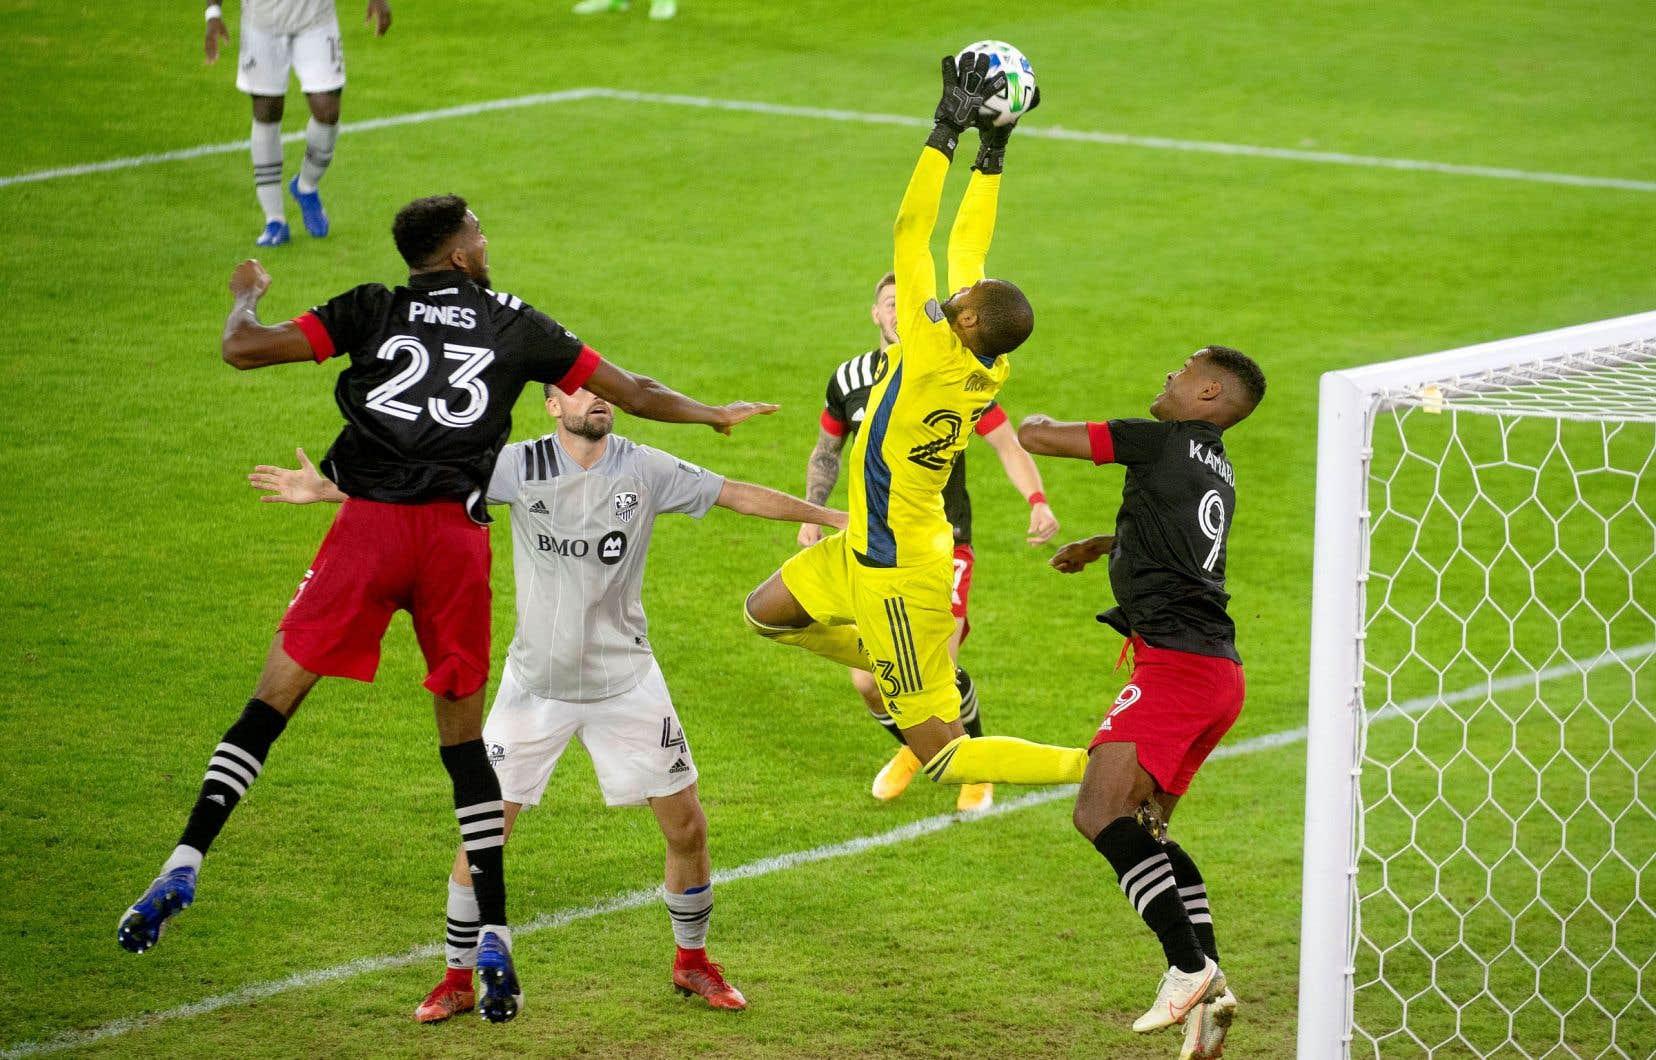 Le gardien de l'Impact, Clément Diop, a effectué quelques arrêts cruciaux qui ont permis au club montréalais de l'emporter contre D.C. United dimanche après-midi.